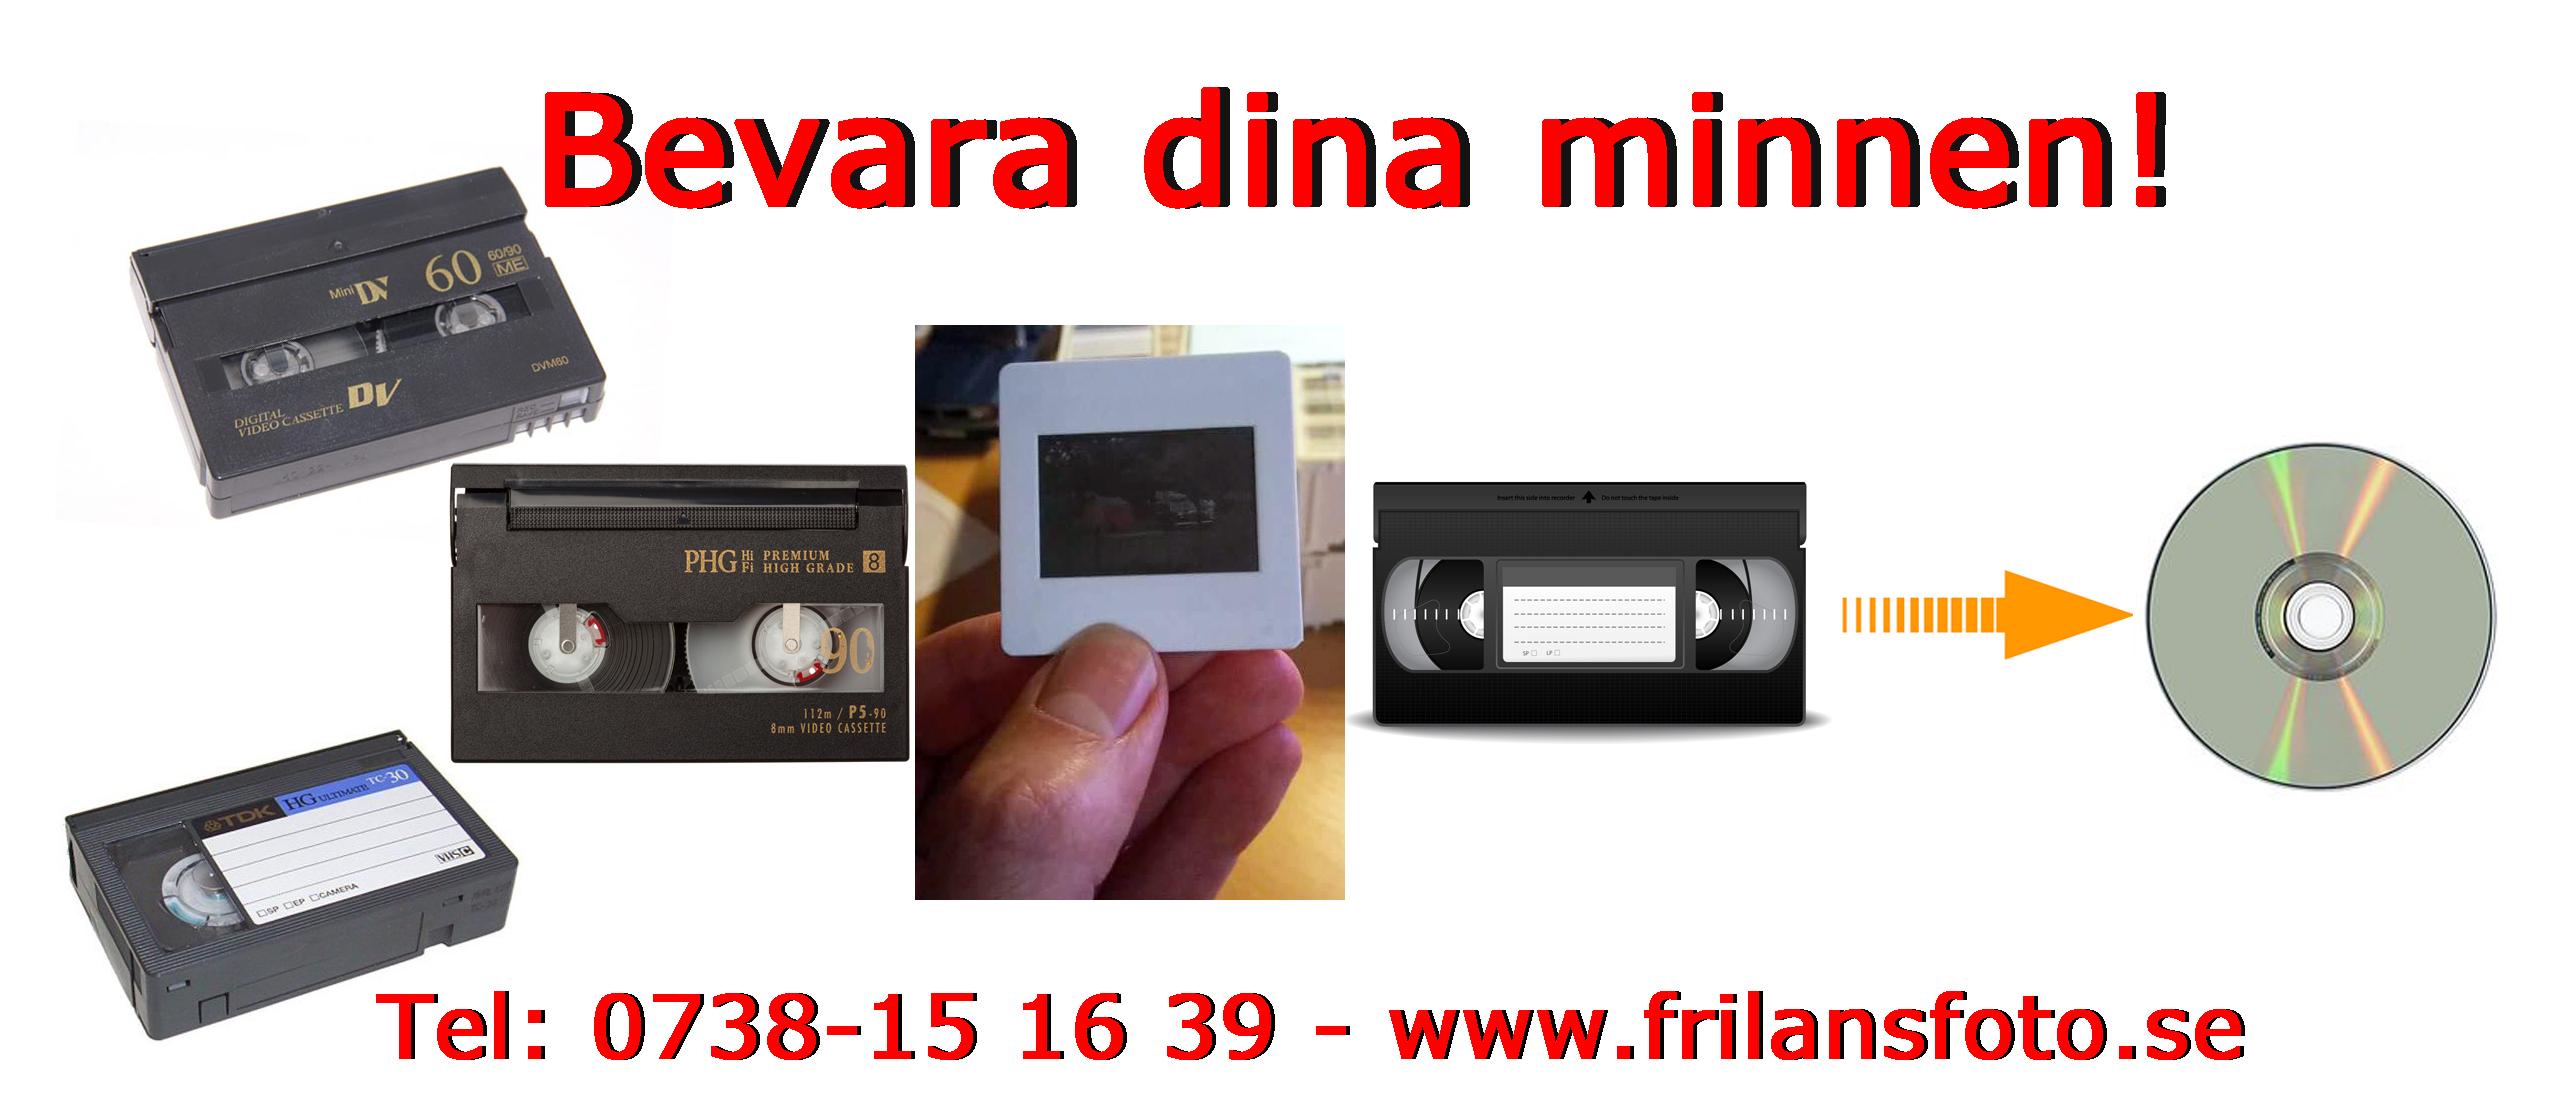 Bevara_dina_minnen_-_AffärsTV